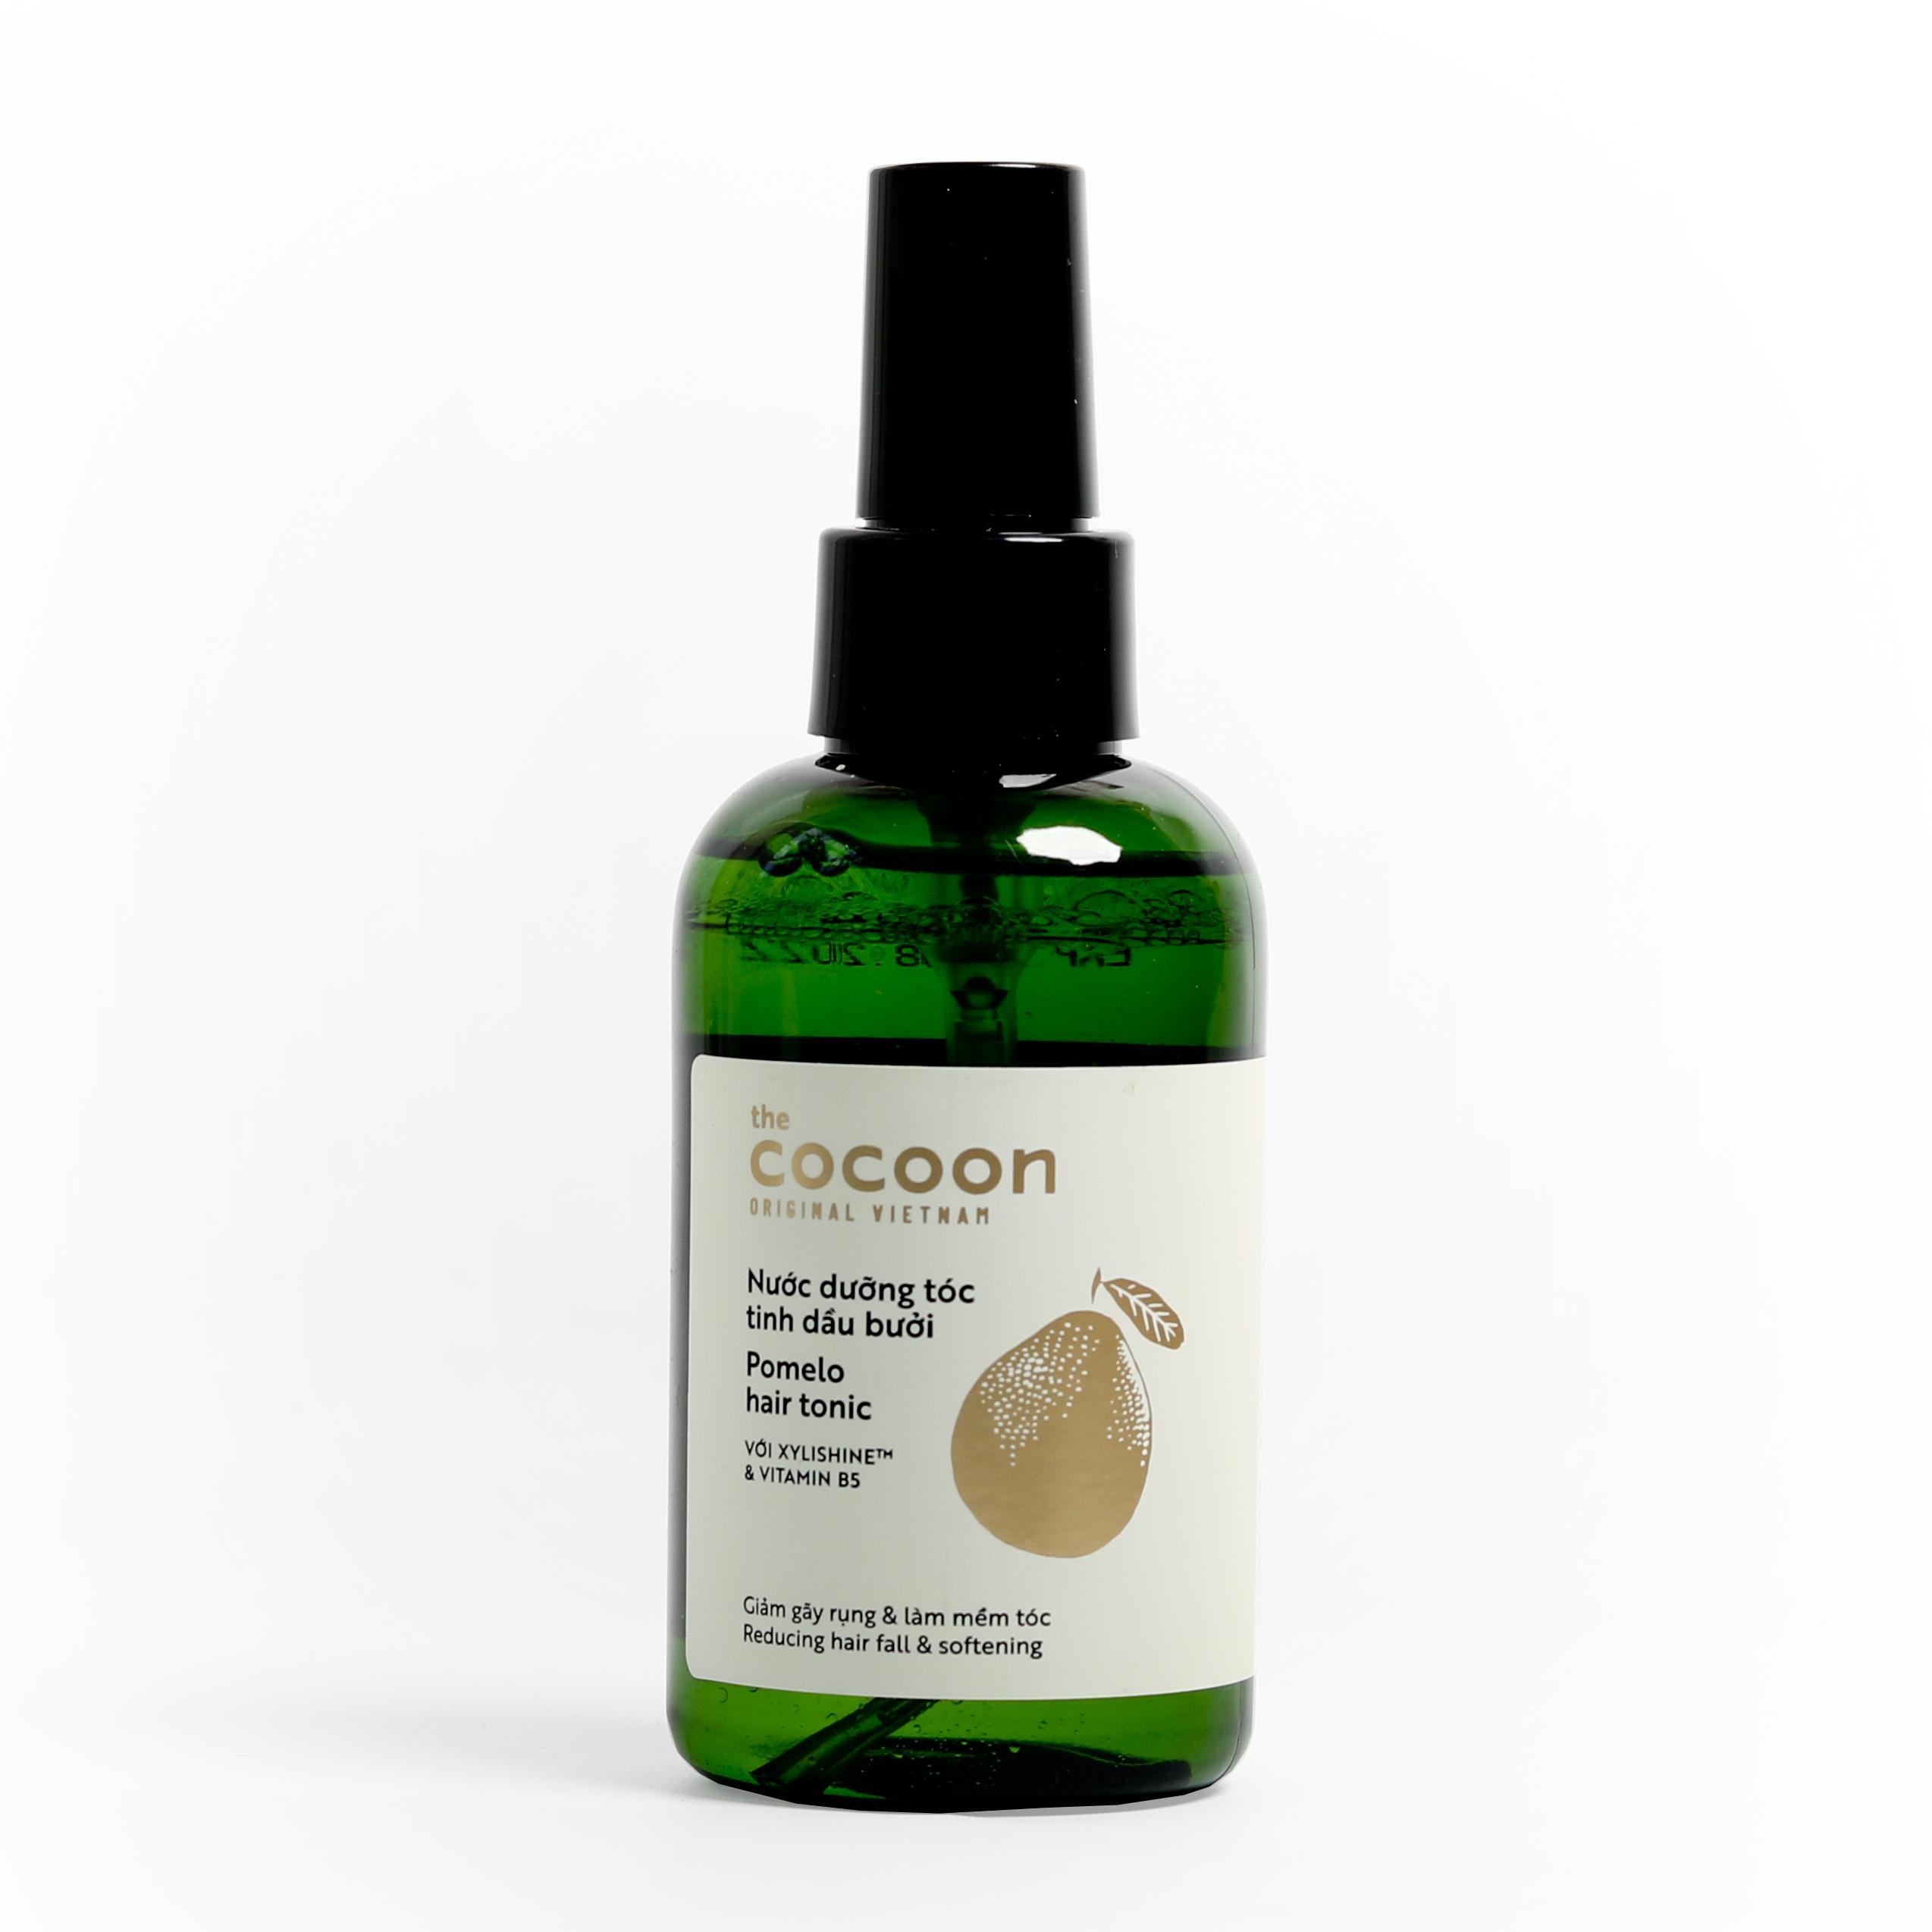 Combo 2 chai nước dưỡng tóc tinh dầu bưởi (Pomelo hair tonic) Cocoon (140ml x 2)